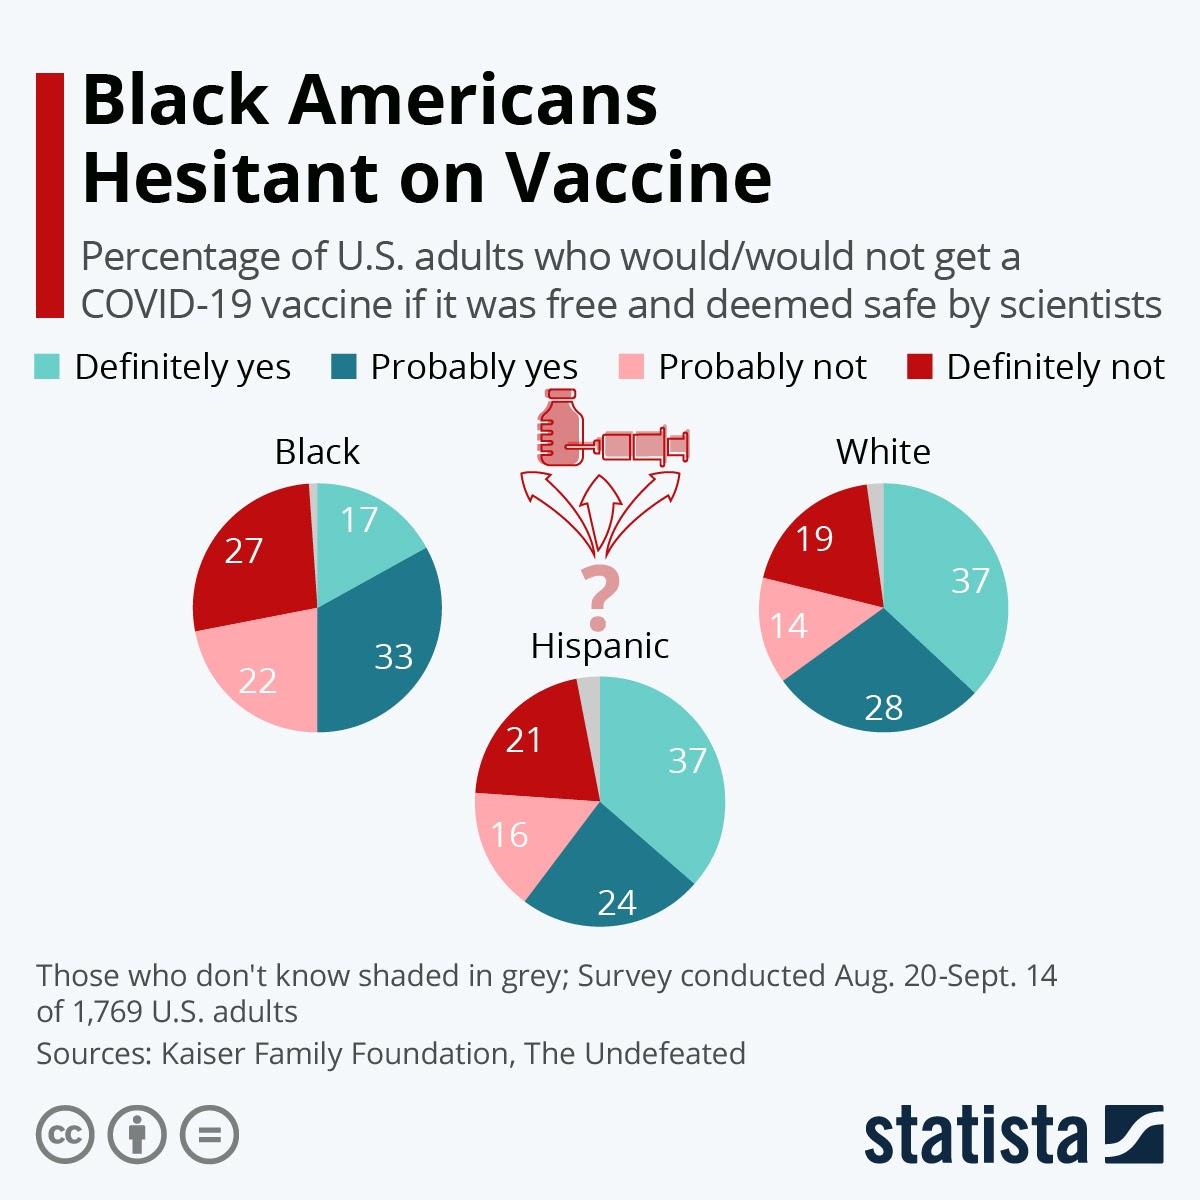 Black Americans Hesitant on Vaccine #infographic